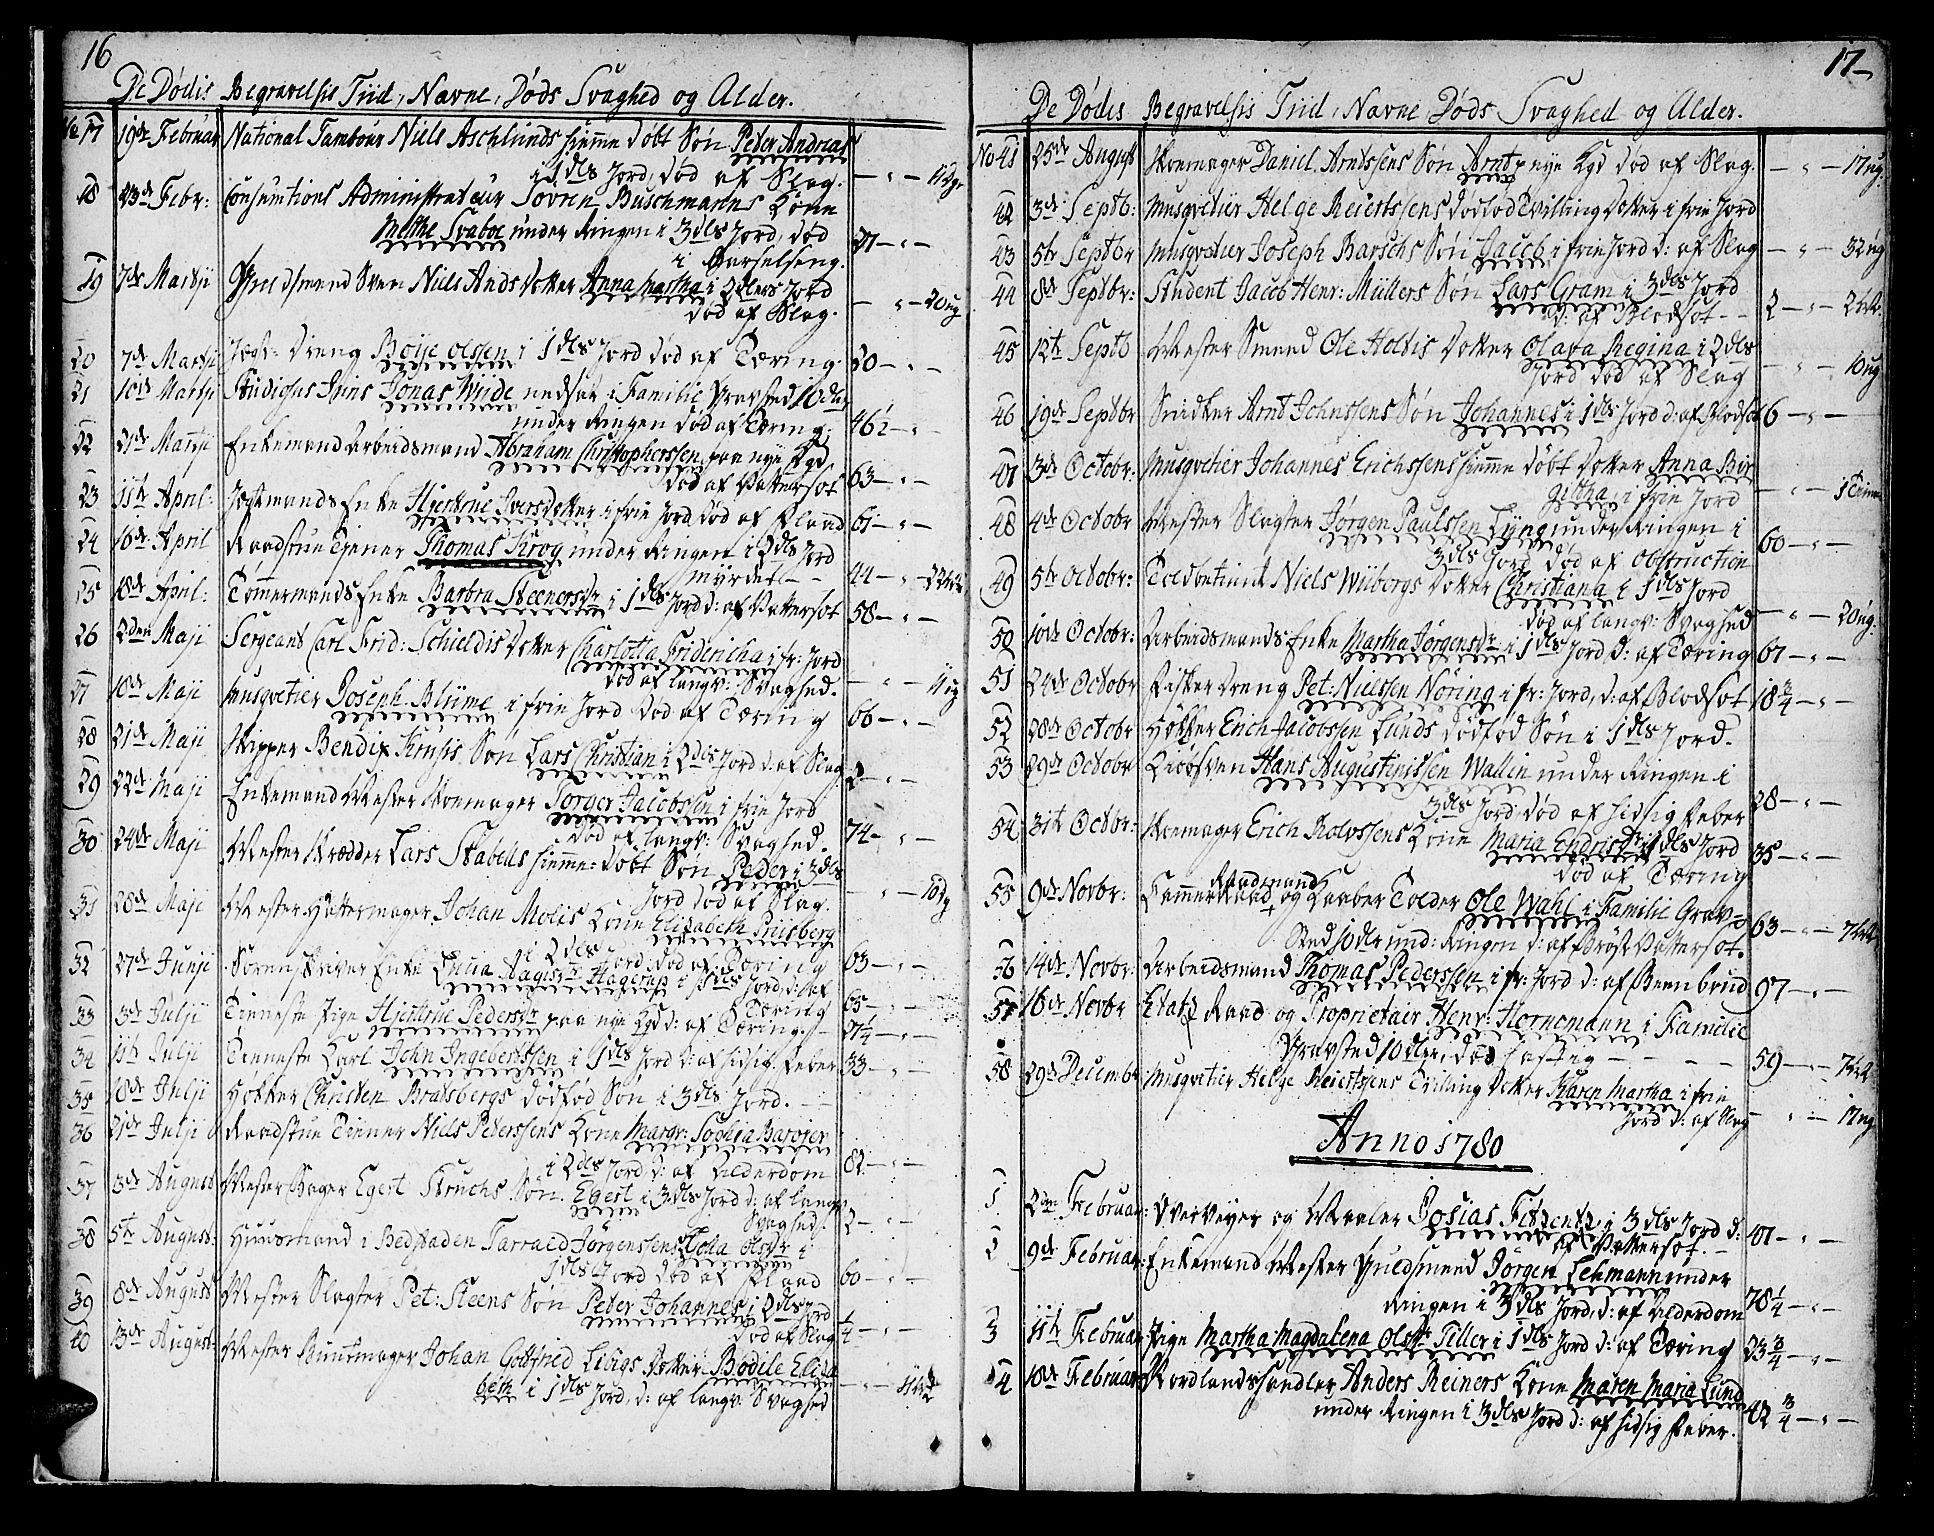 SAT, Ministerialprotokoller, klokkerbøker og fødselsregistre - Sør-Trøndelag, 602/L0106: Ministerialbok nr. 602A04, 1774-1814, s. 16-17